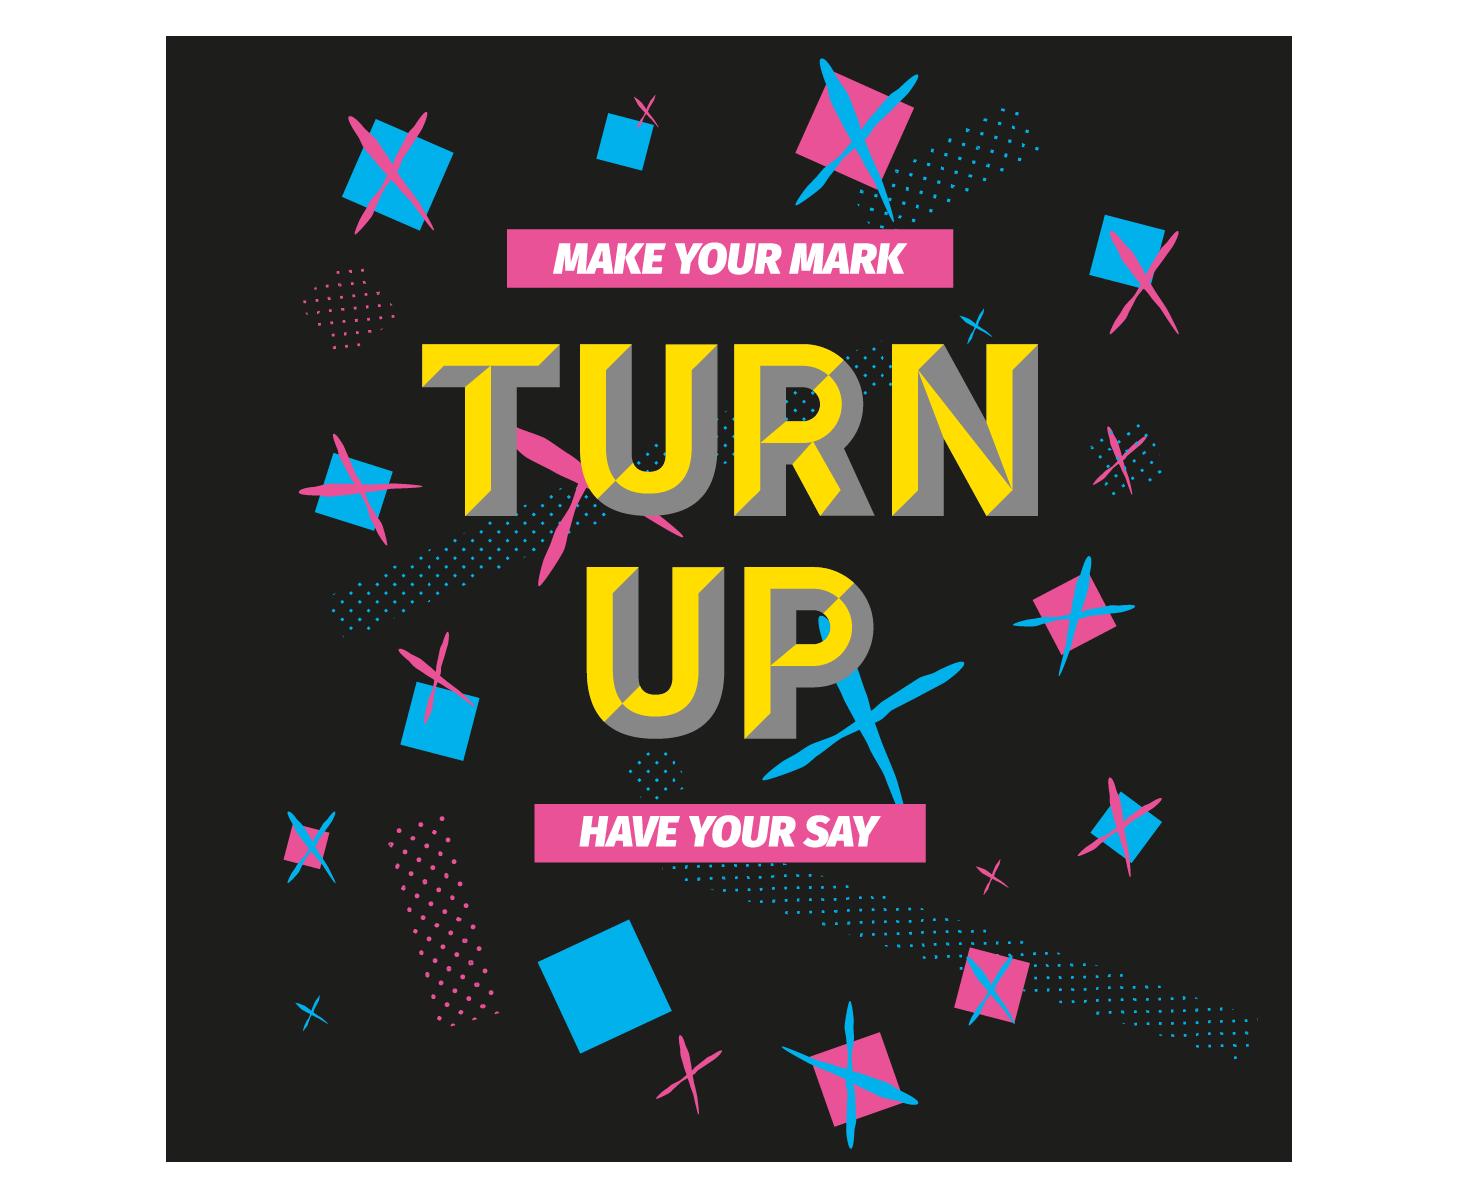 Turn Up social media square